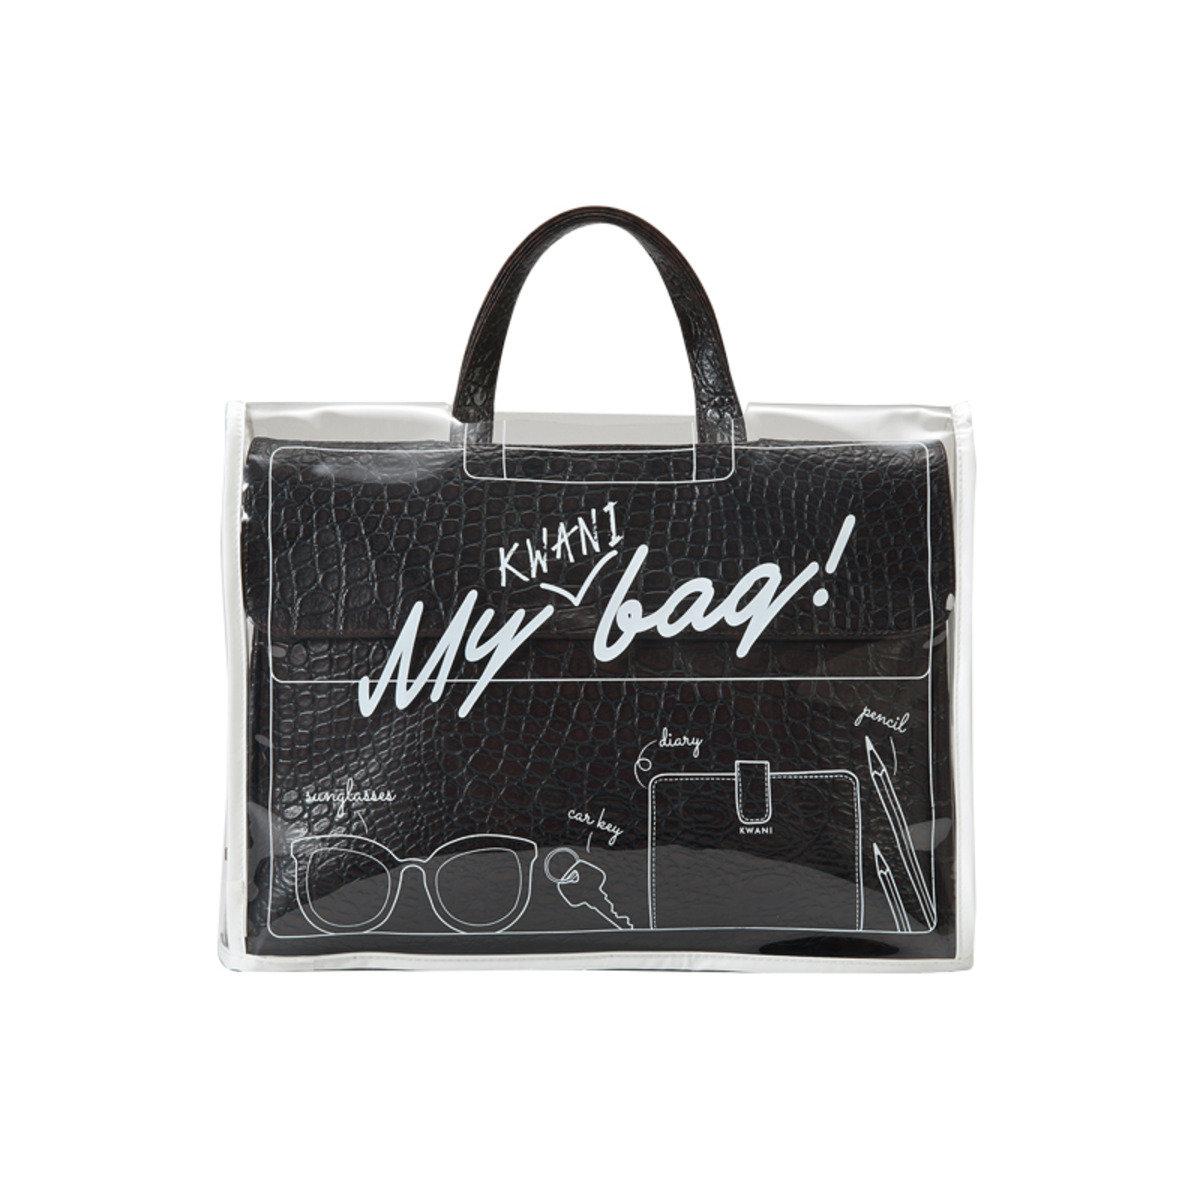 My KWANI Bag 手挽袋防水透明外套